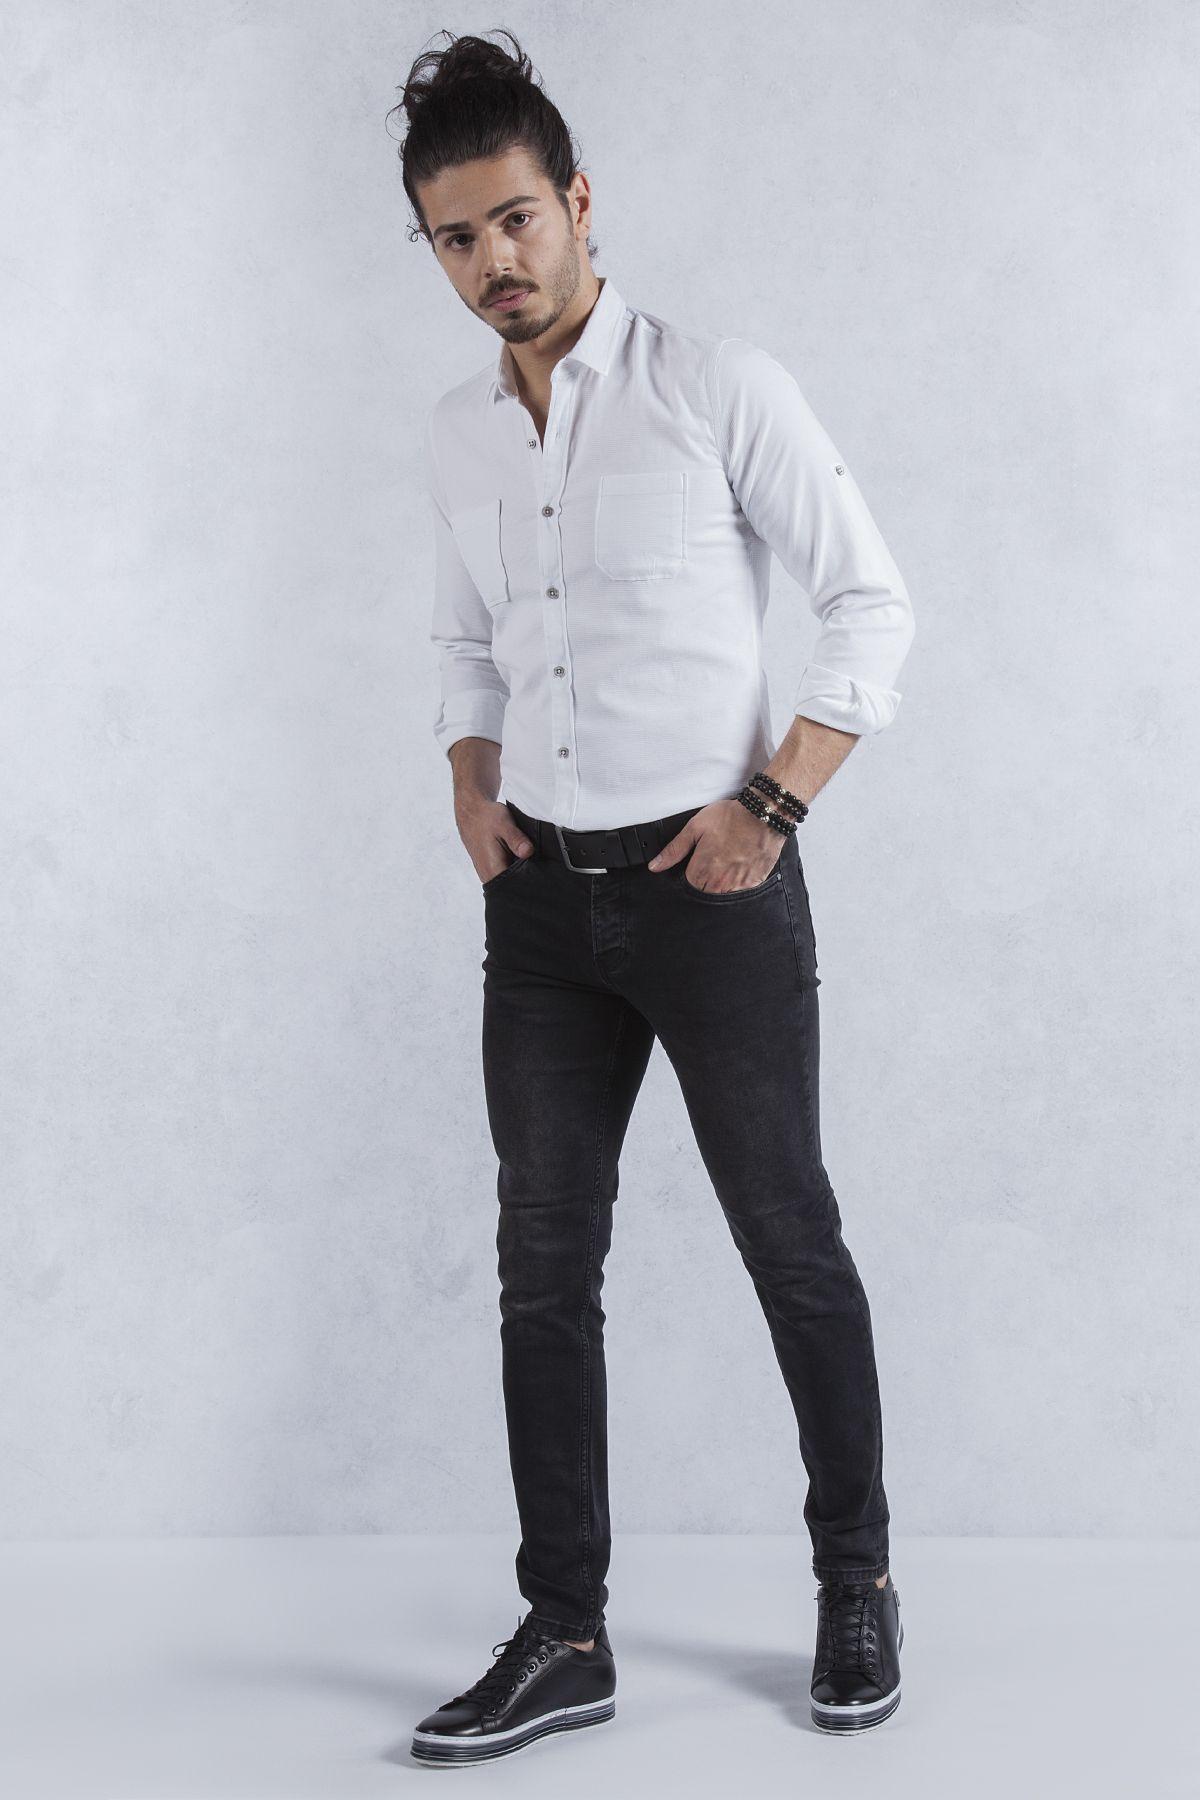 Spor Beyaz Gomlek Siyah Jean Pantolon Kombini Siyah Taslama Jean Uzerine Spor Beyaz Gomlek Harika Duruyor Kalin Kemer Ve Tabani Yuksek B Gomlek Siyah Jean